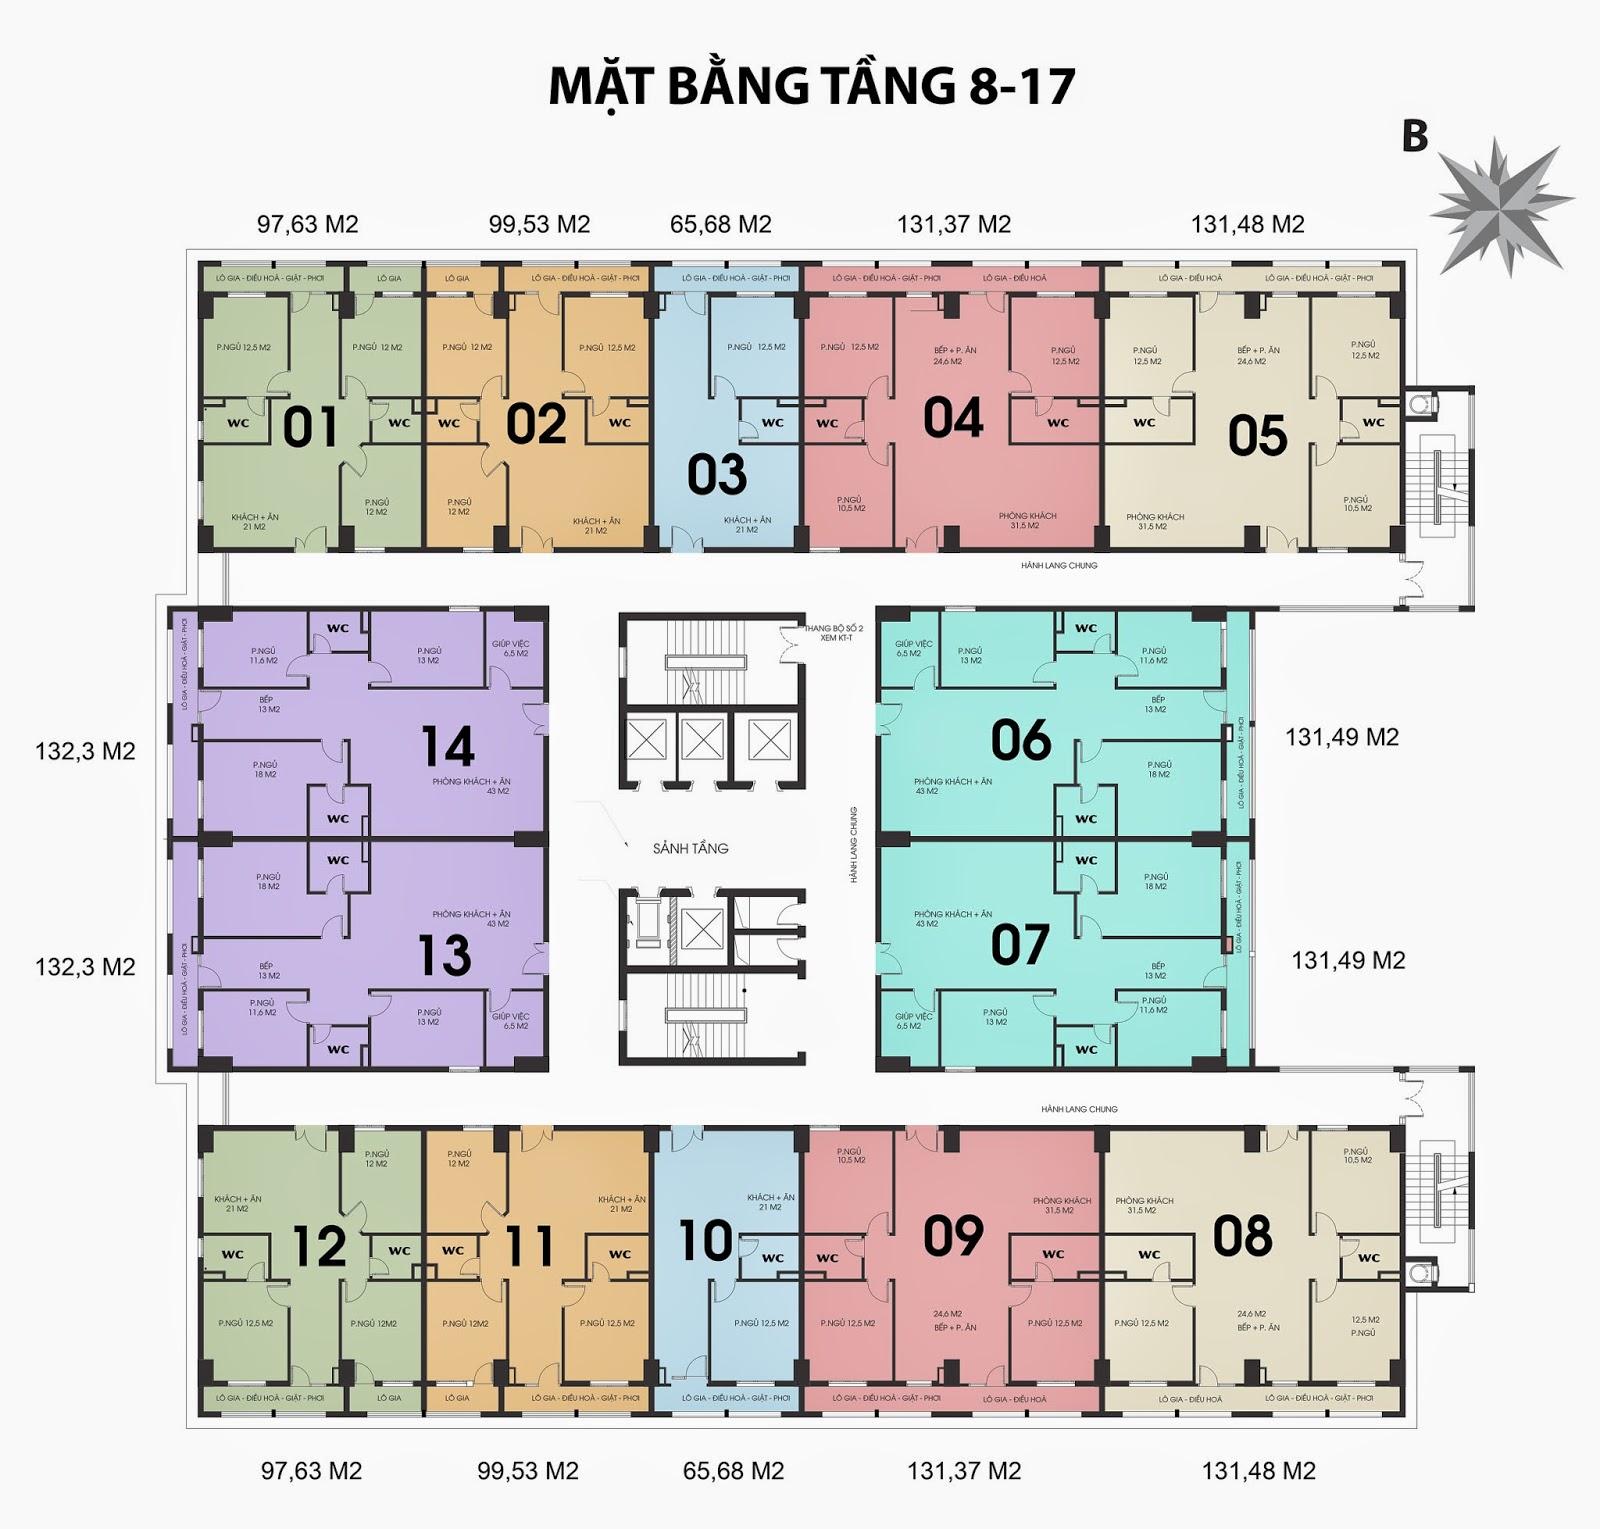 mat-bang-can-ho-tang-8-17